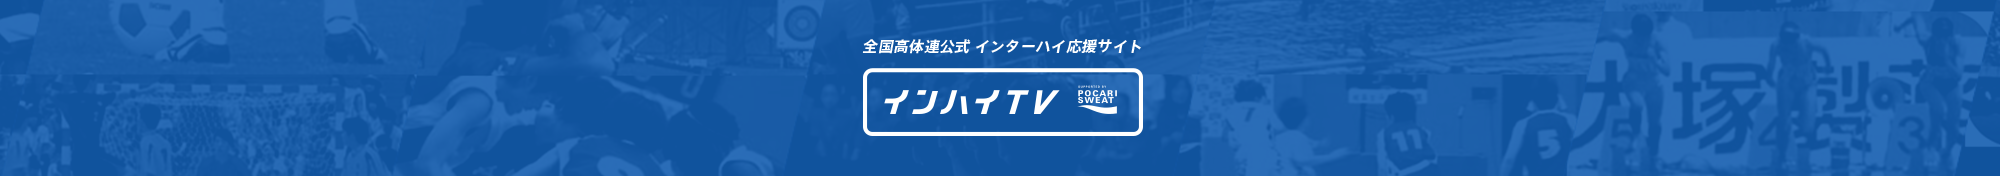 バドミントンは7月31日に熊本で開会式、8月1日から5日間に渡って競技が行われ、男女共に個人と団体、個人戦はシングルスとダブルスがある。上位選手は全日本総合バドミントン選手権大会の…